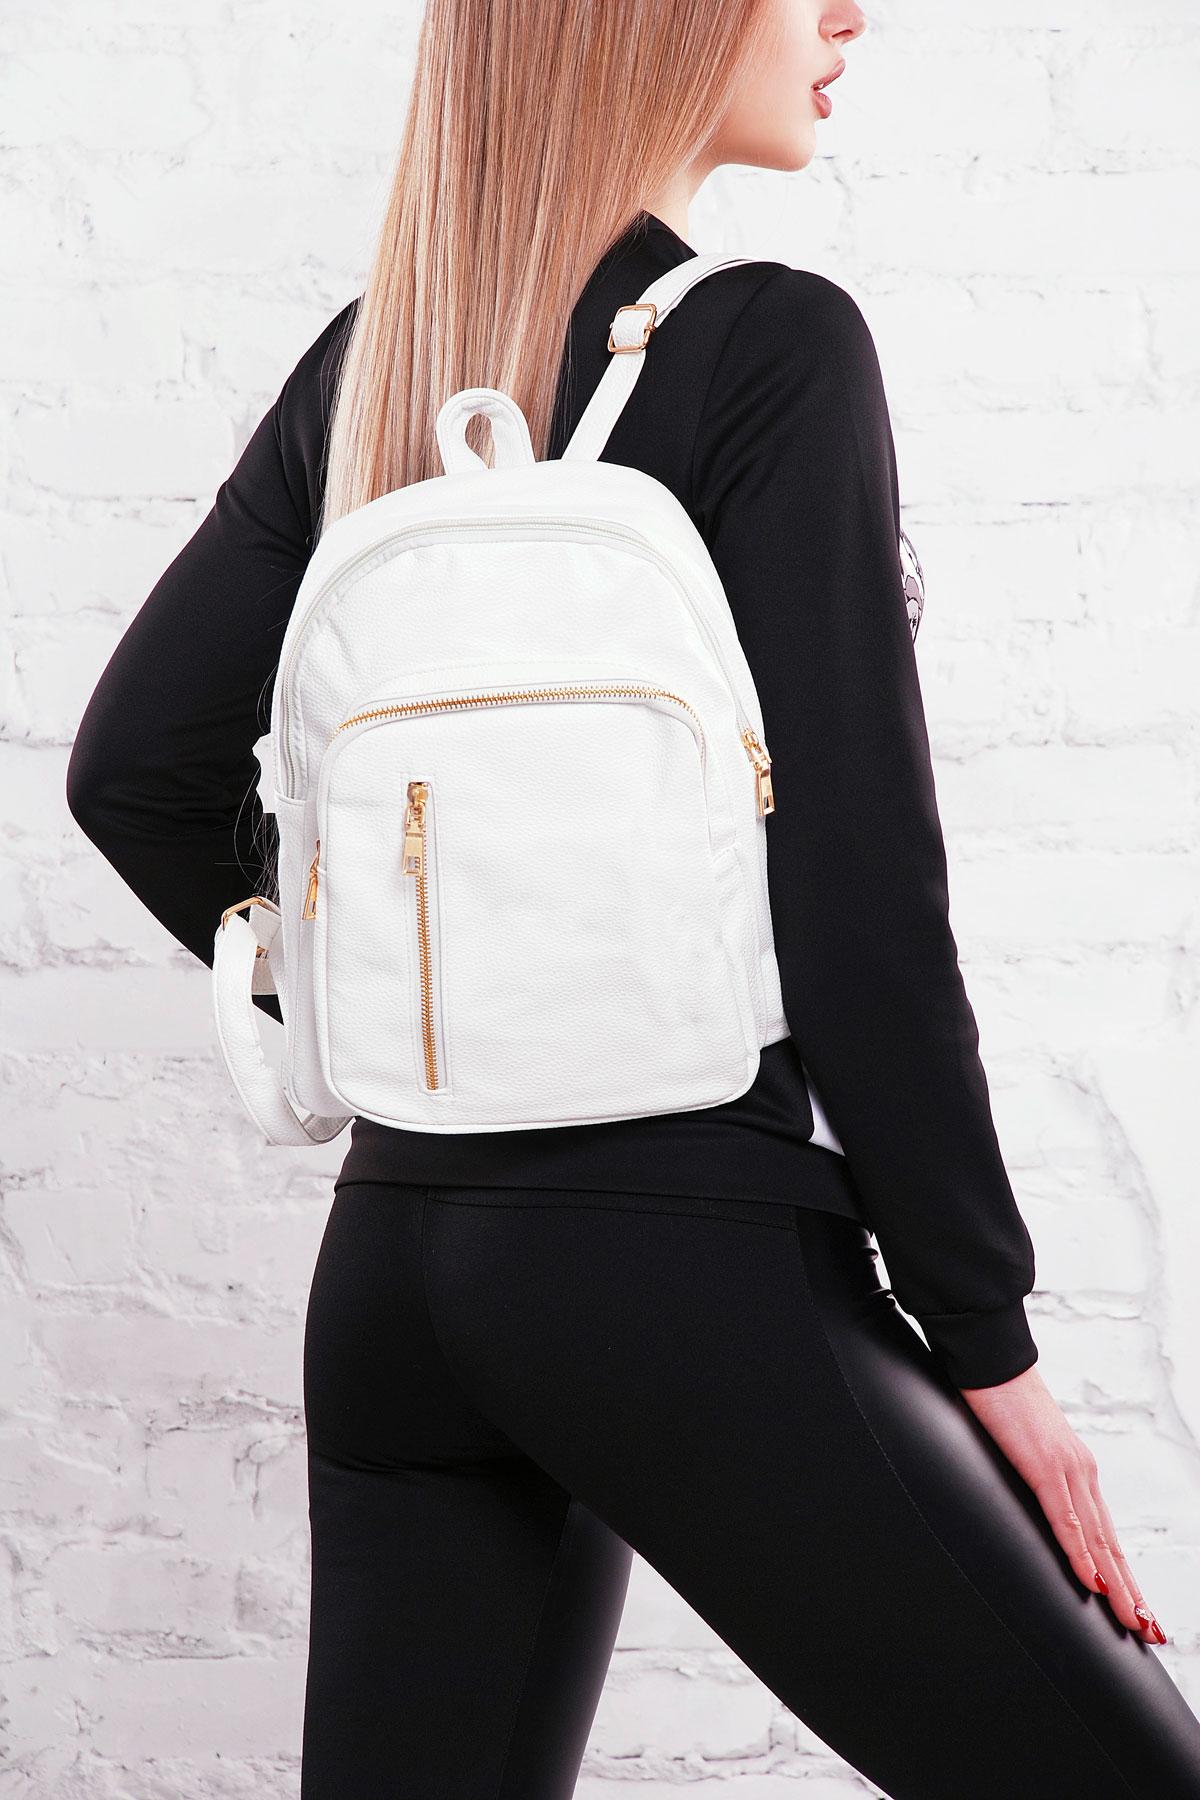 e5ff86202501 городской женский рюкзак синего цвета. Рюкзак D122. Цвет: белый купить